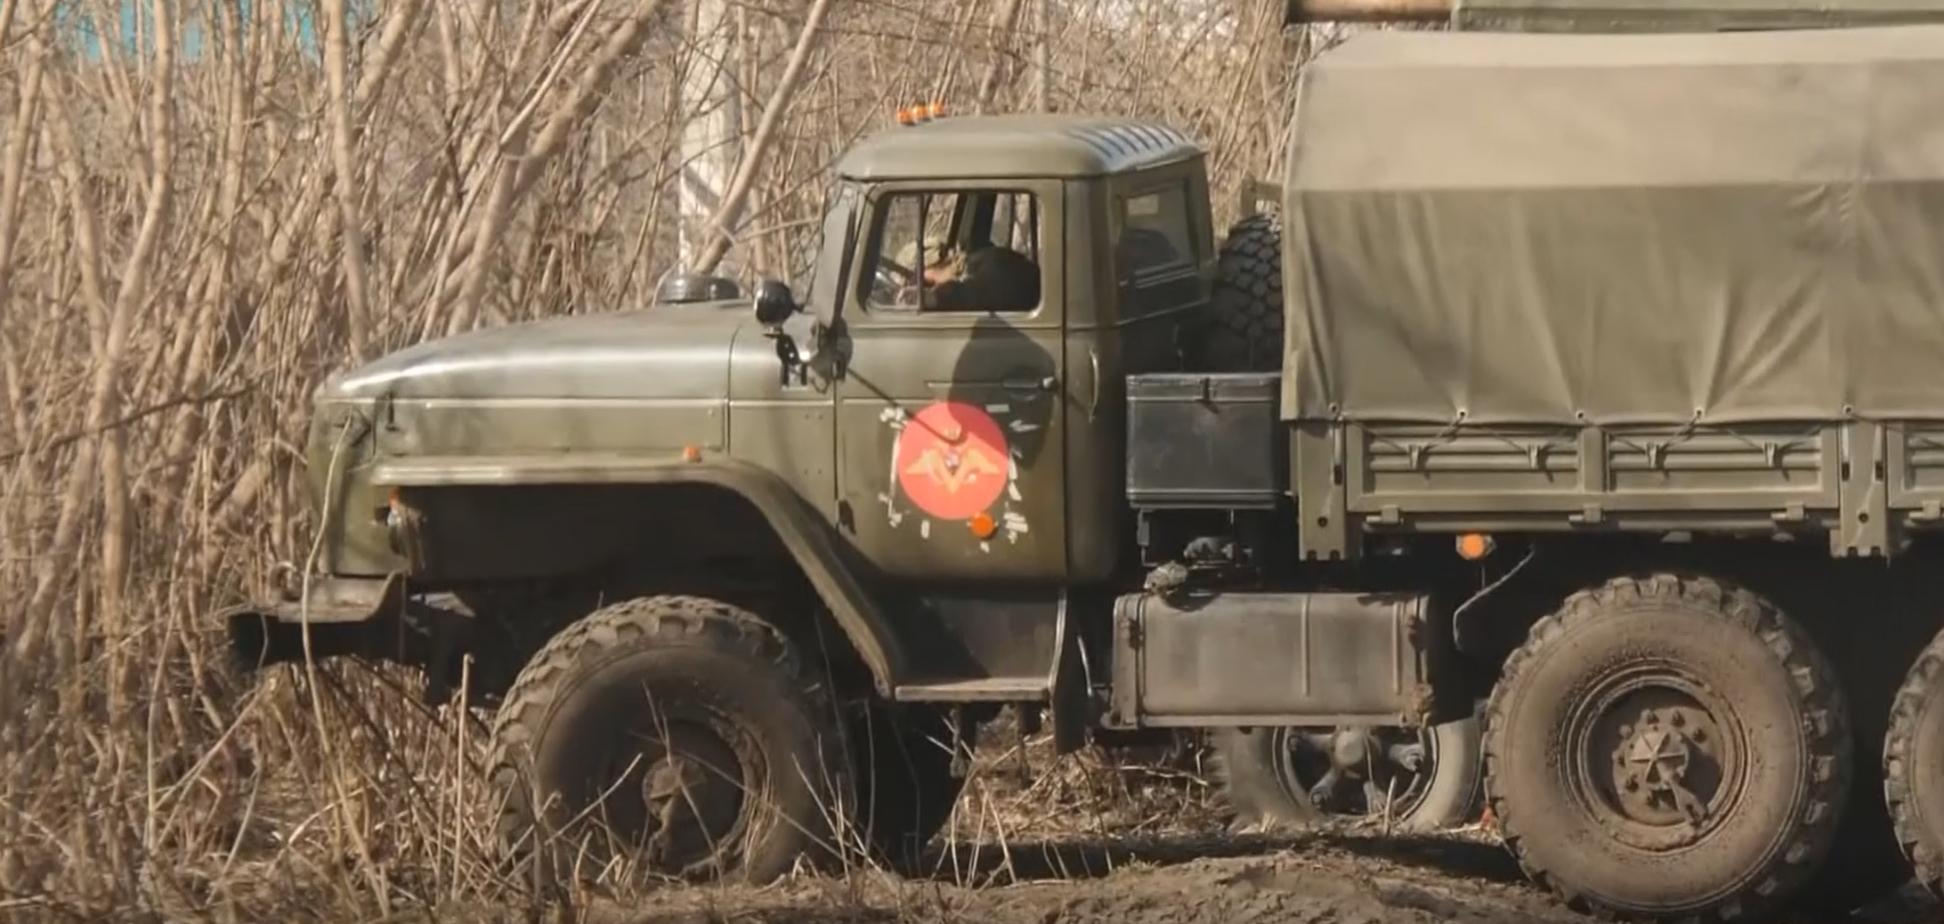 Войска РФ на границе с Украиной: журналисты показали полевой лагерь